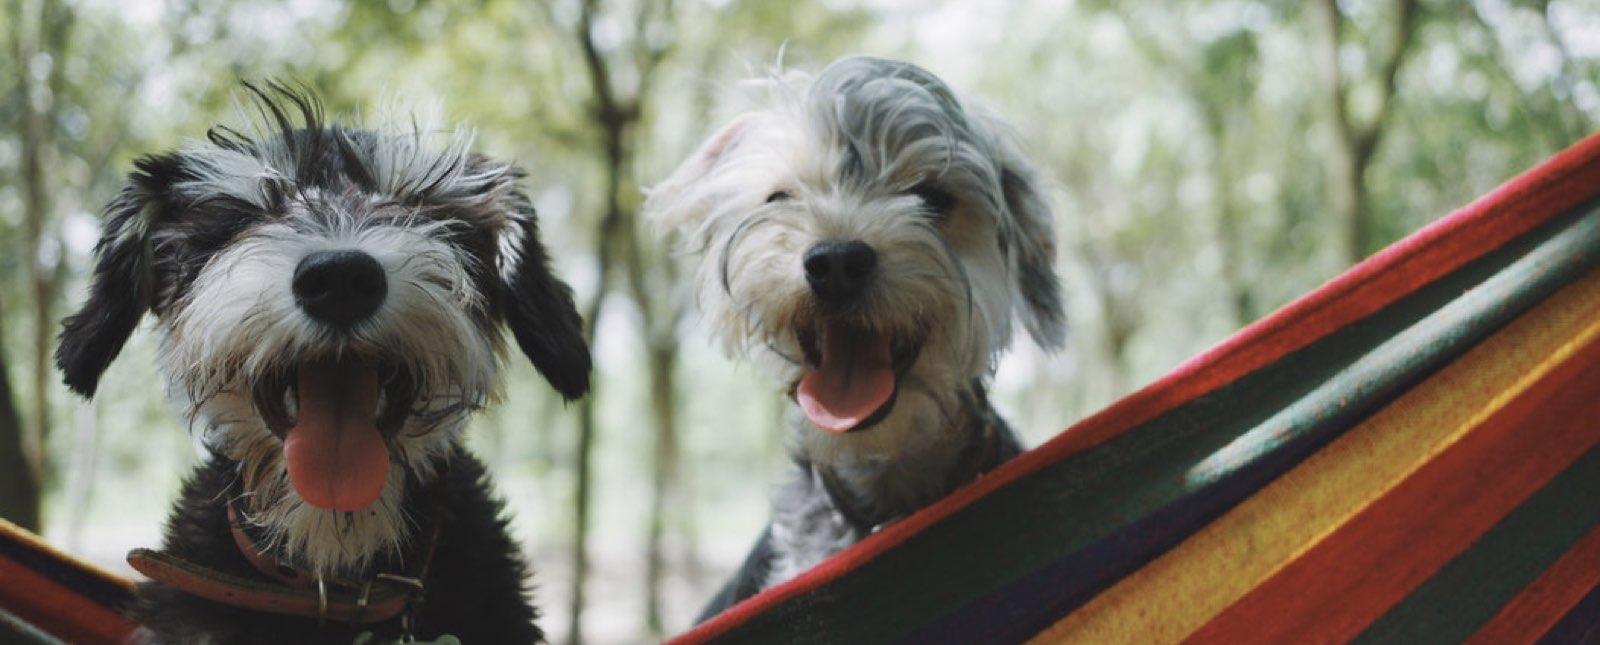 ciudades-petfriendly-en-donde-los-perros-son-bienvenidos